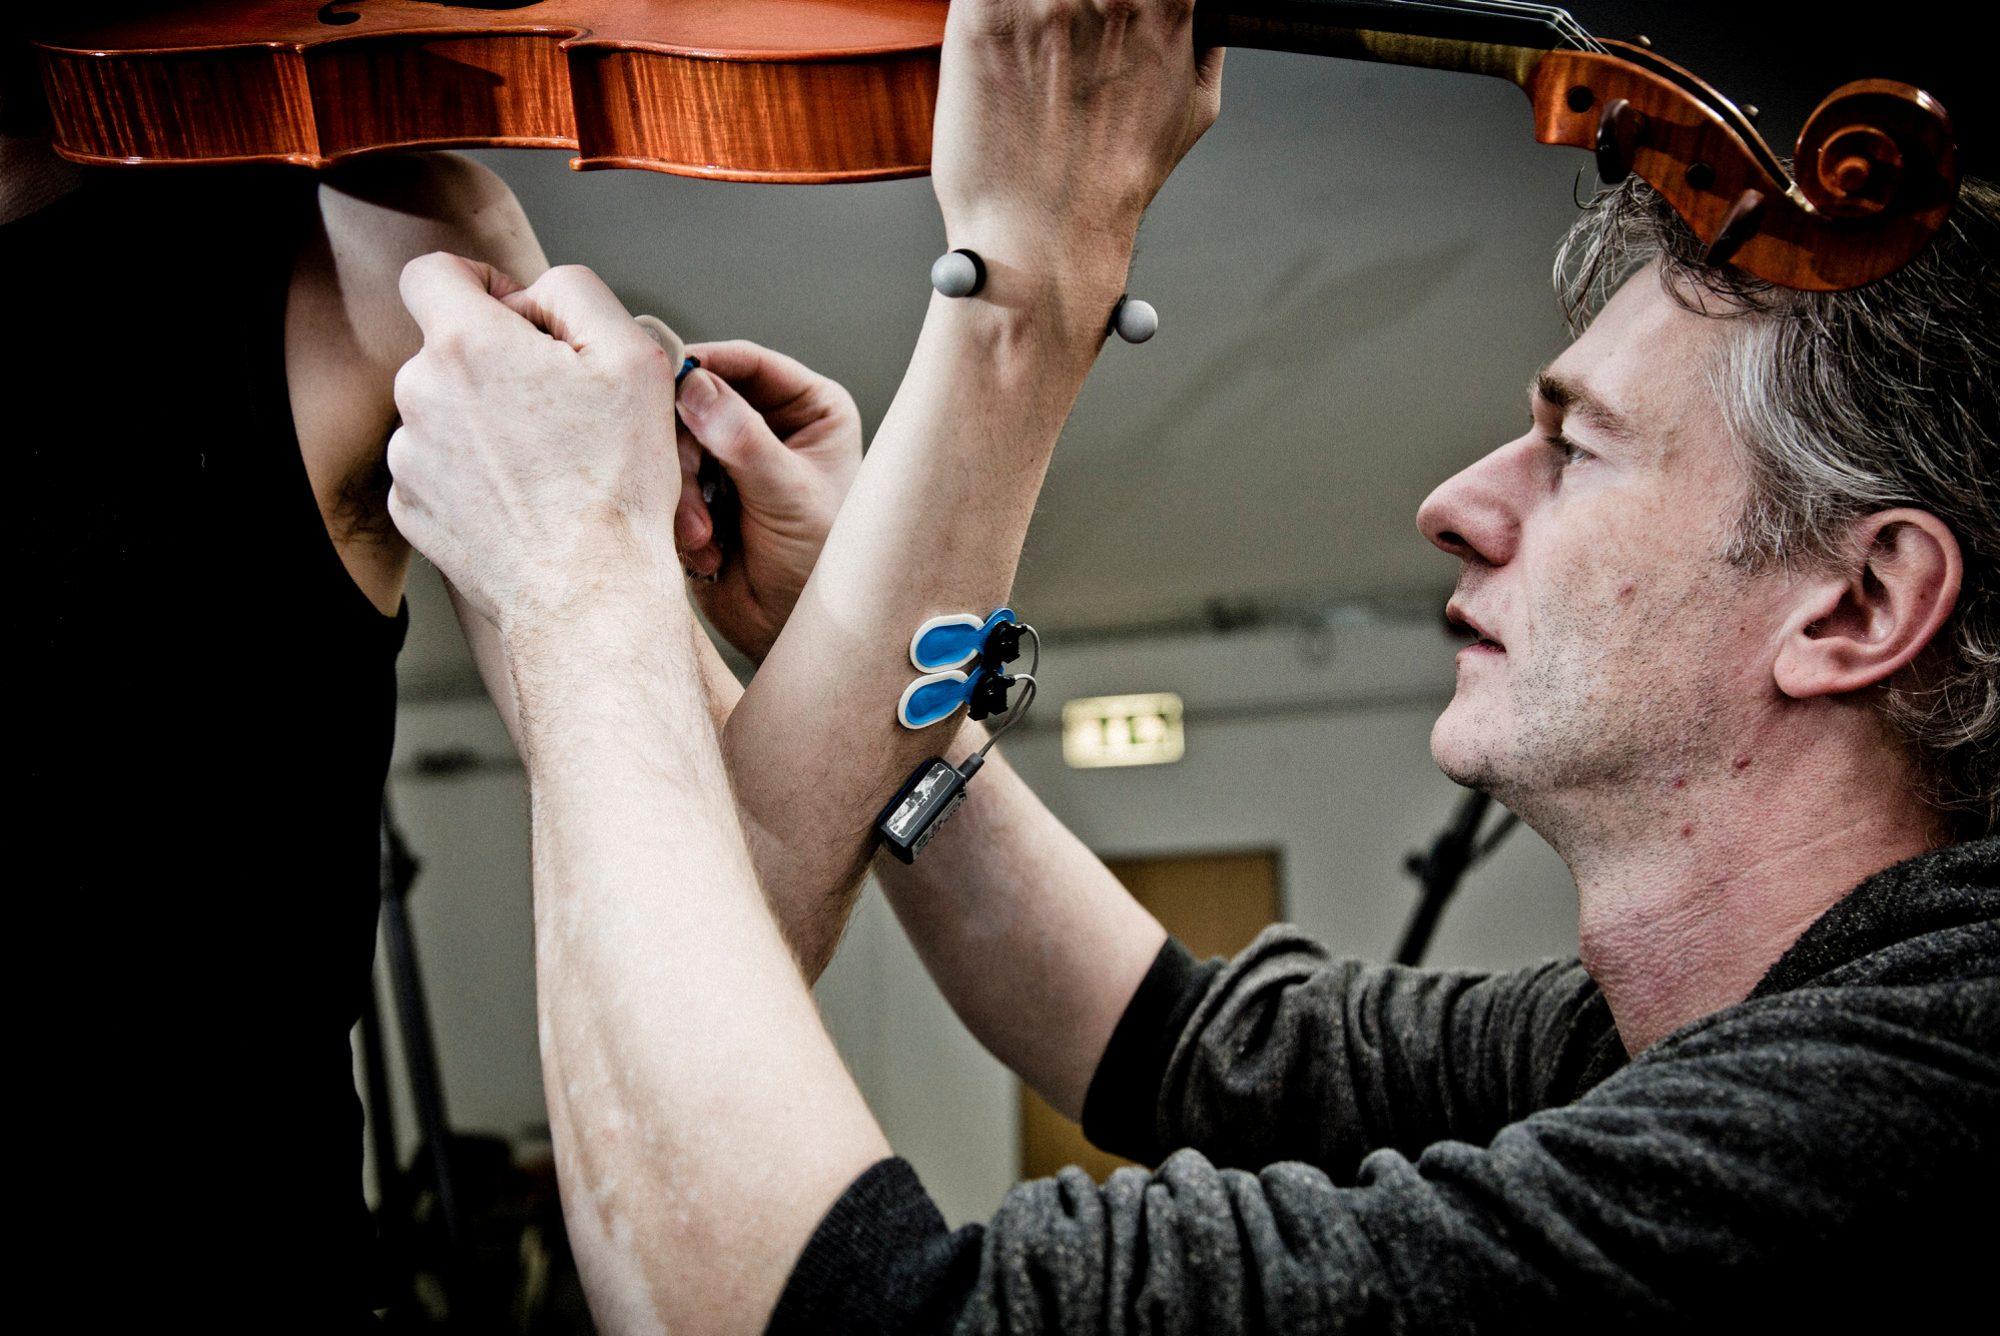 Das Foto aus dem Bewegungslabor stellt eine Impression der Binnenforschung